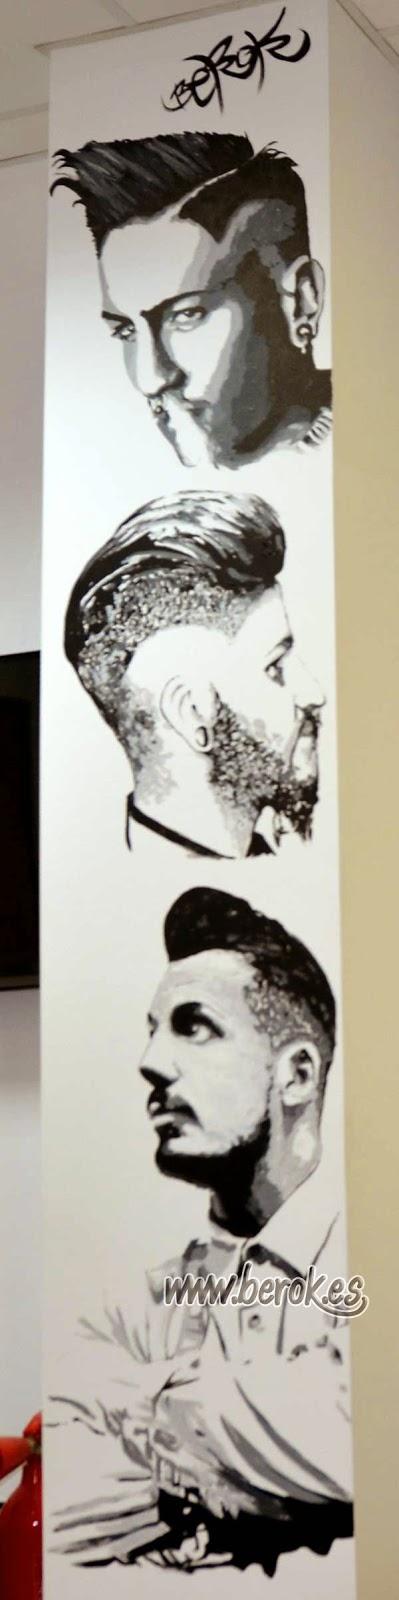 Mural de retratos realistas en columna de barbería